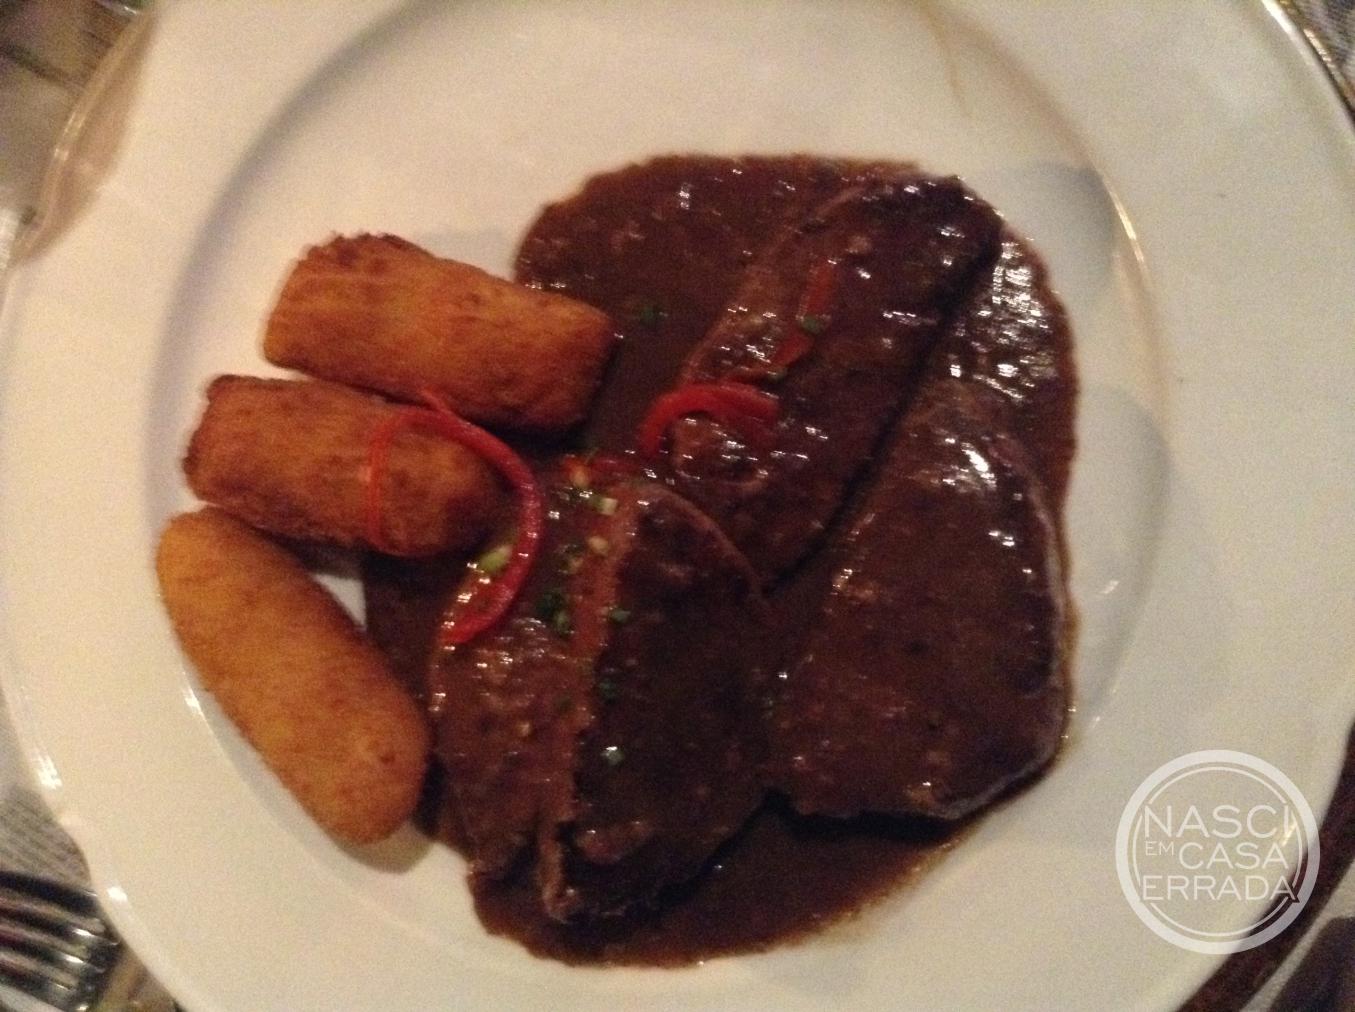 restaurante giratorio_________